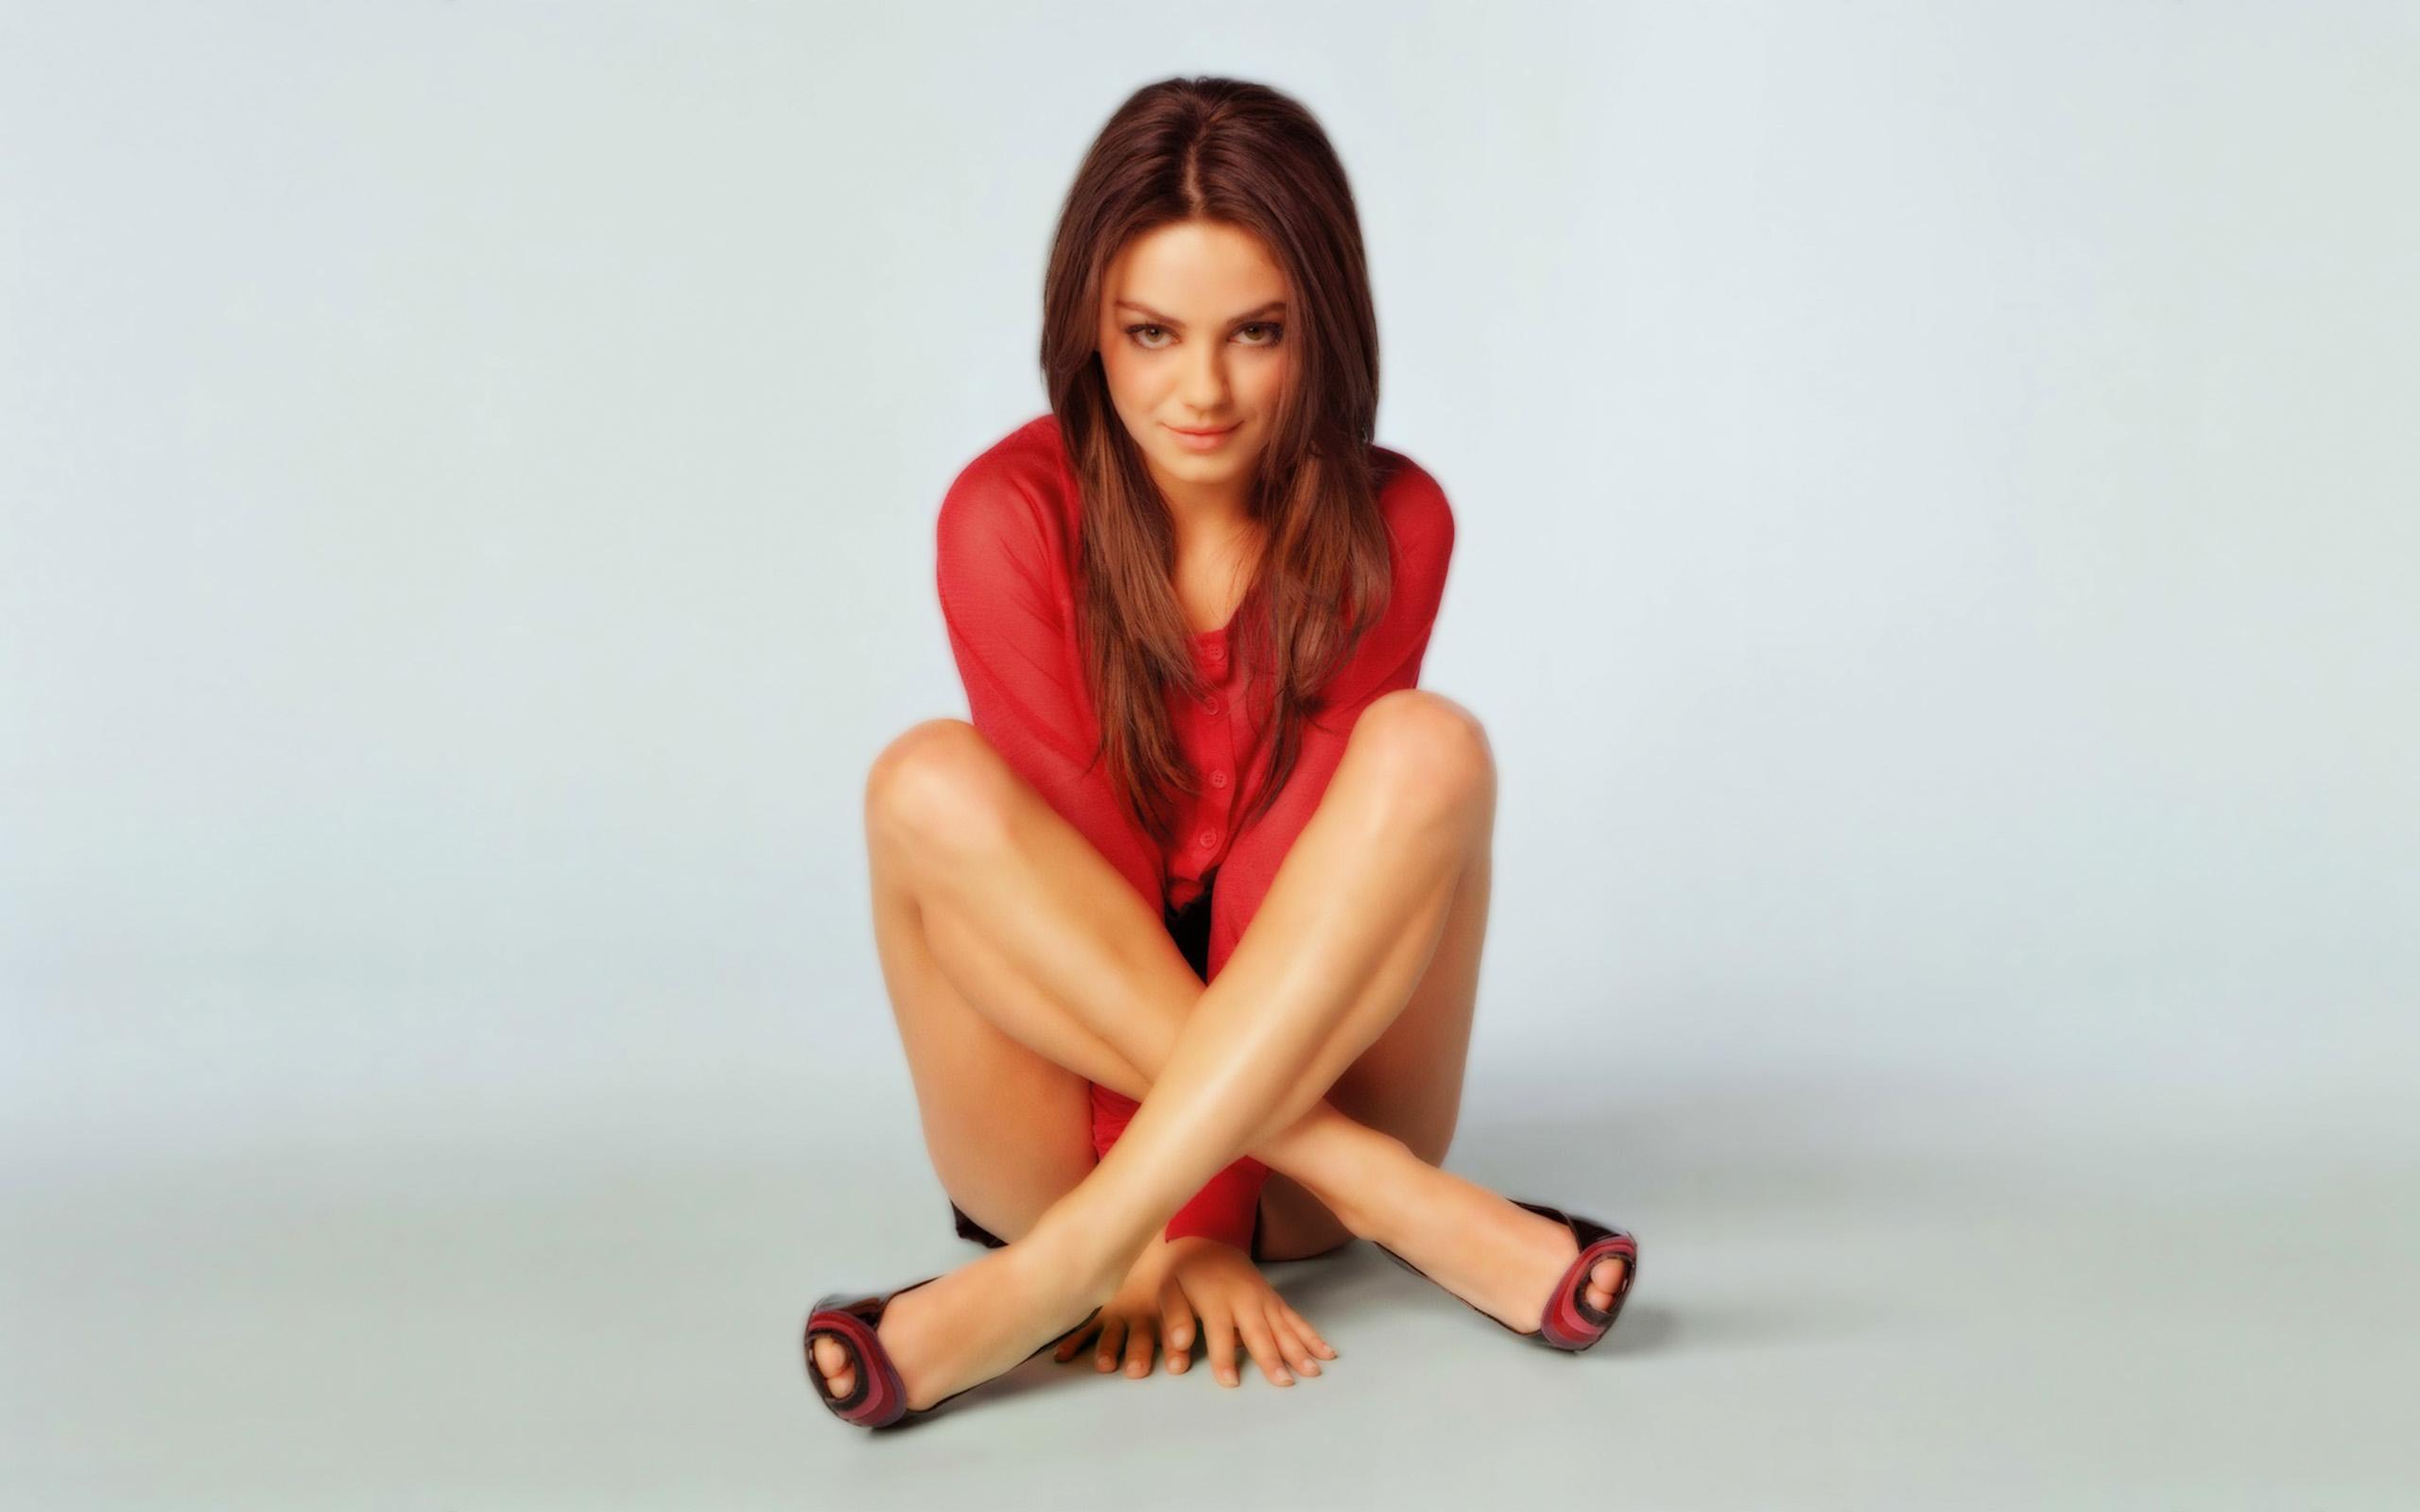 Мила Кунис (Mila Kunis) фото.